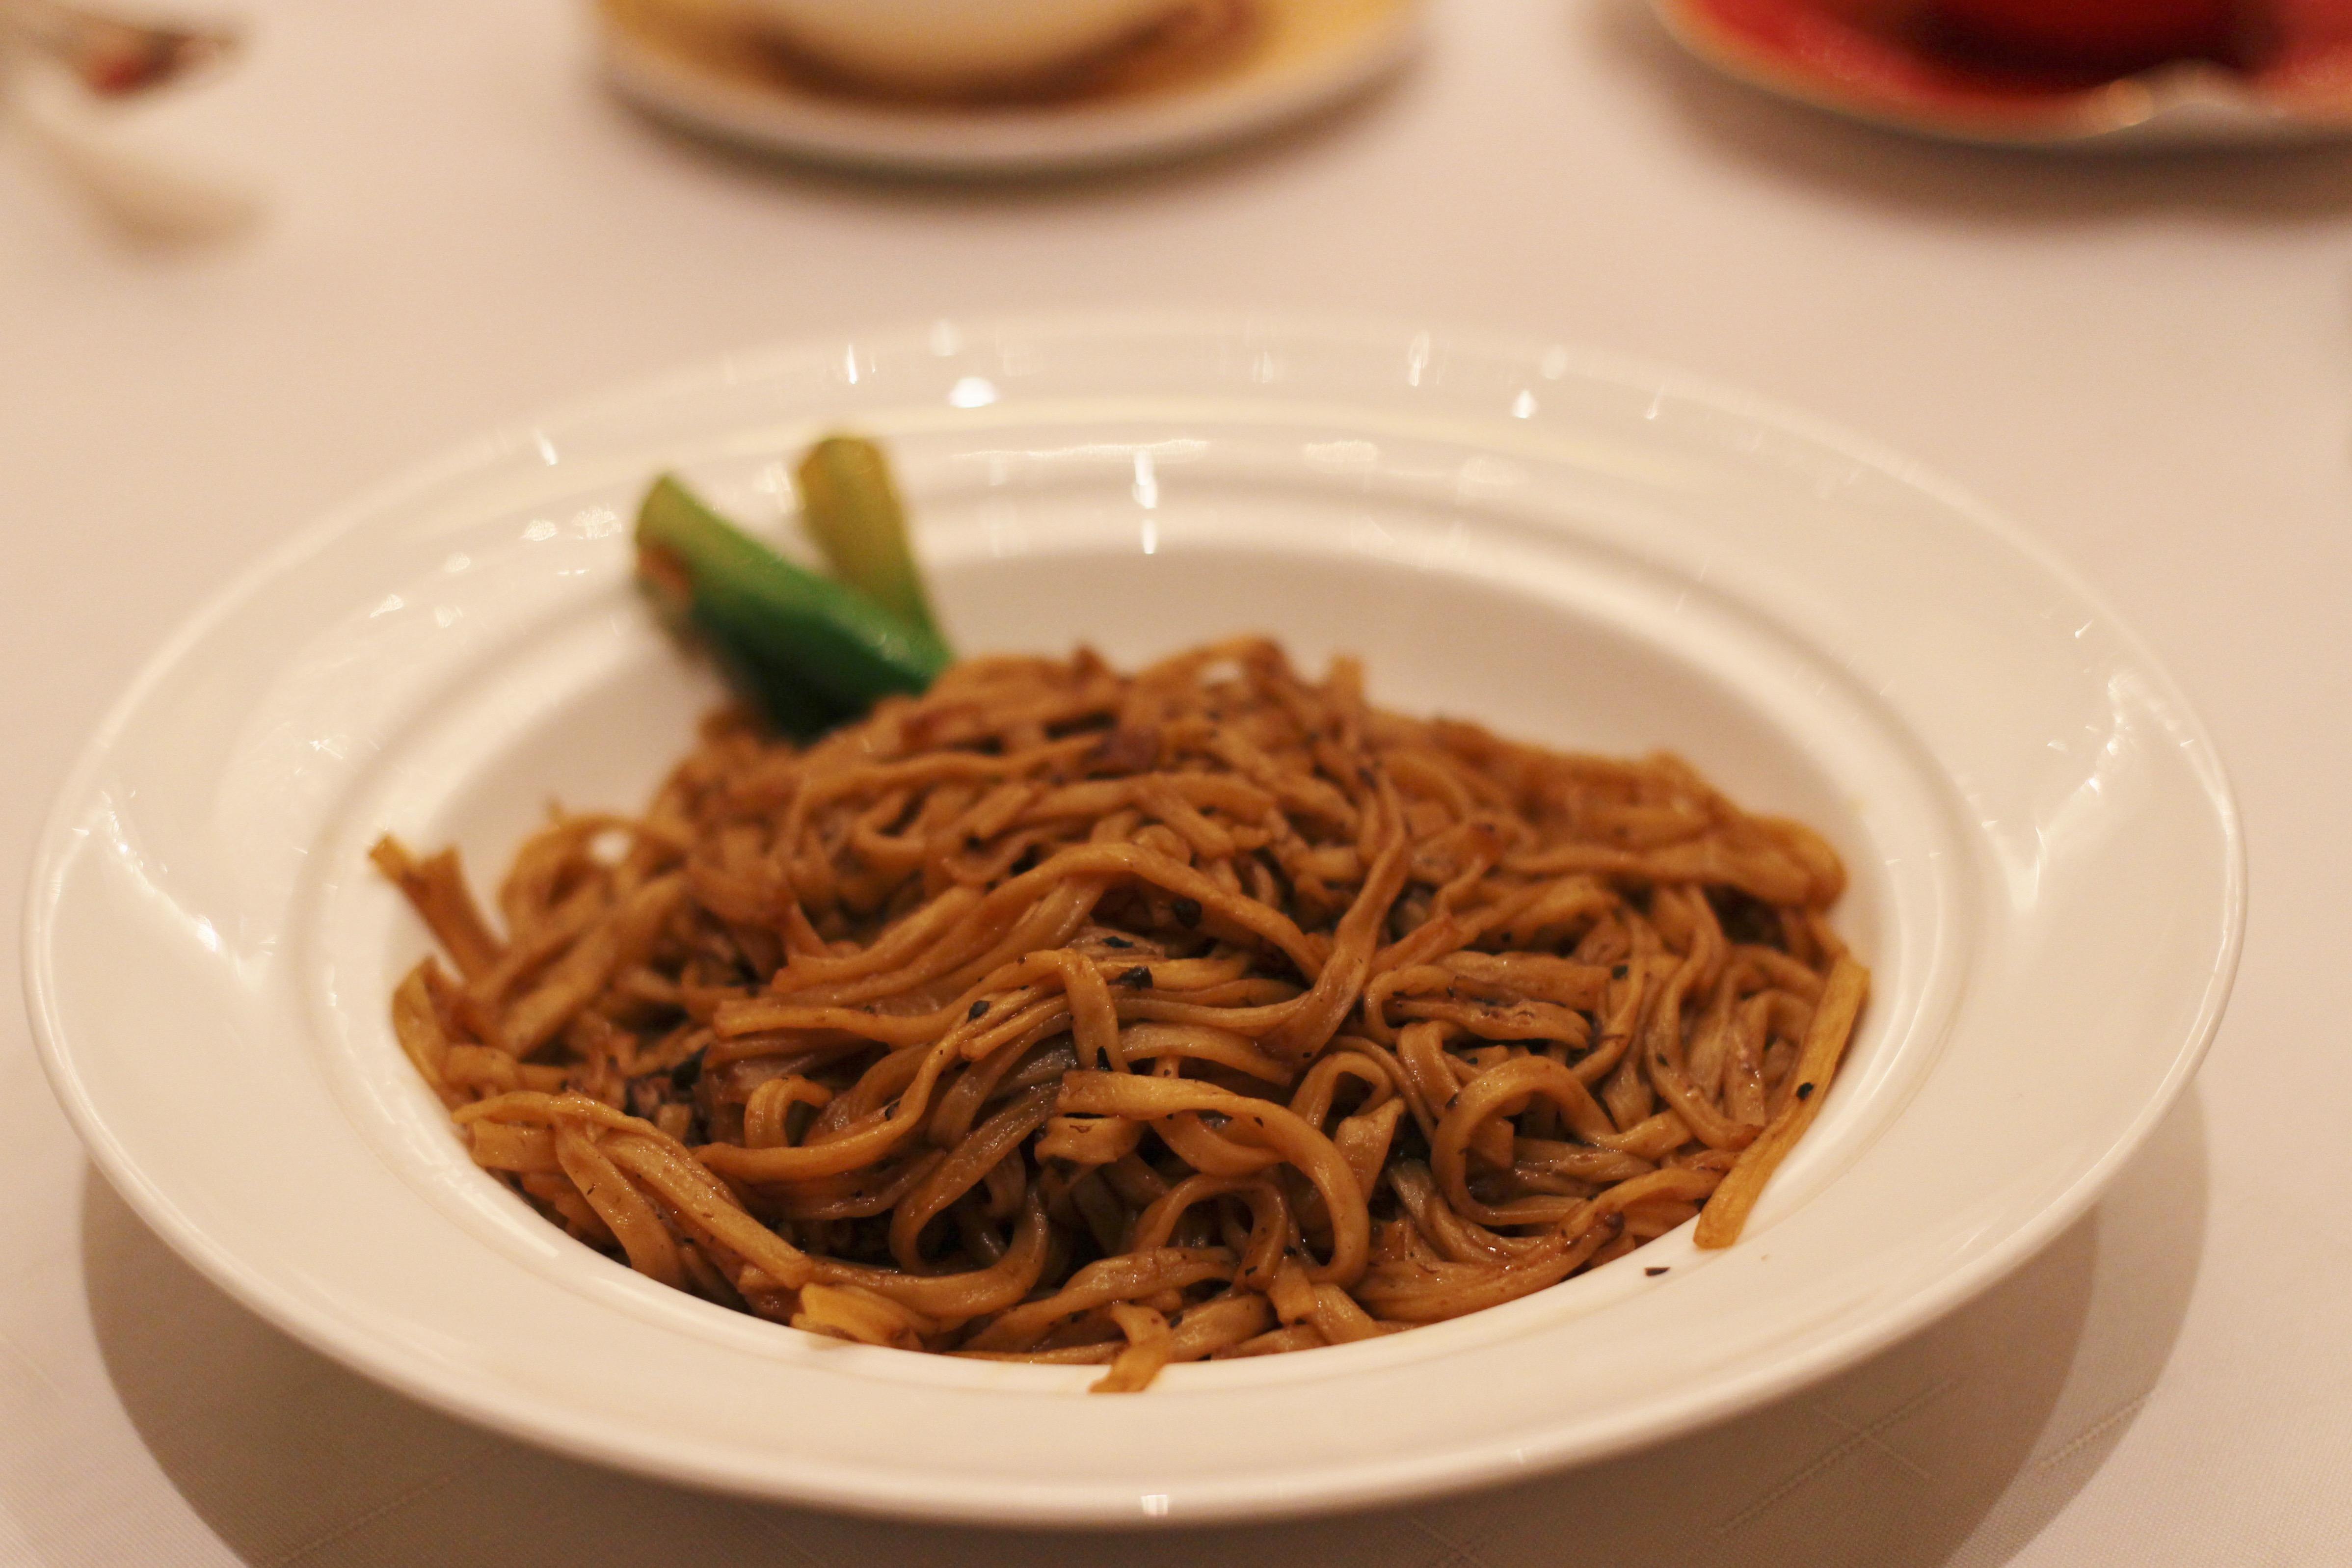 【香港・香宮】黒トリュフオイルときのこ入りきし麺風煮込みそば